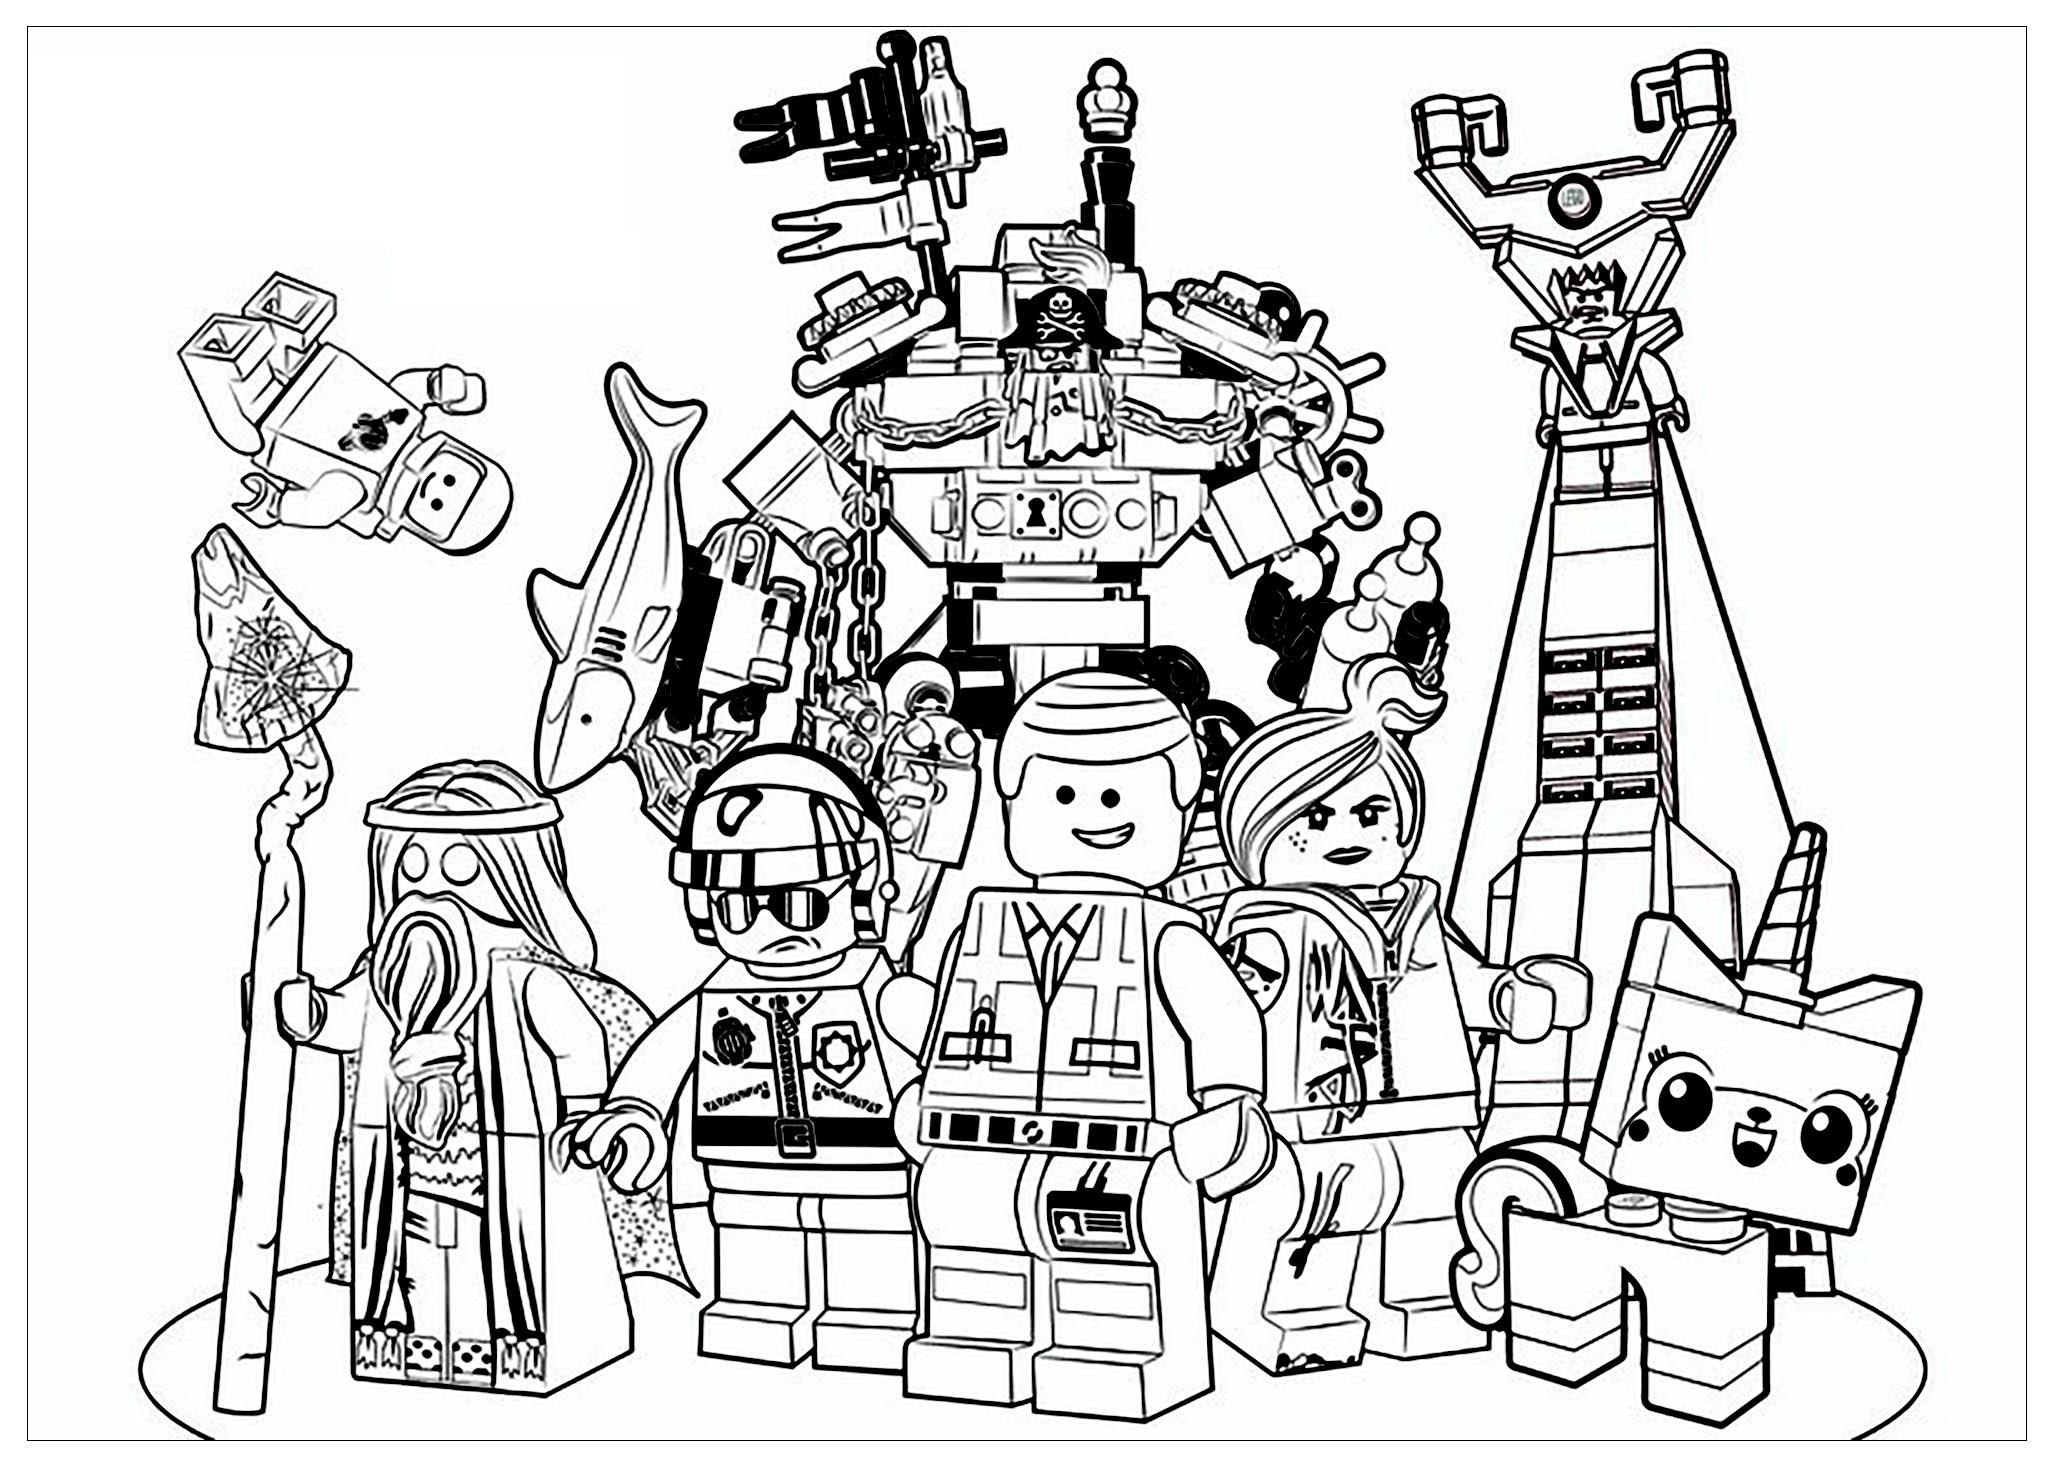 Ungewöhnlich Lego Batman Malbuch Fotos - Malvorlagen Von Tieren ...